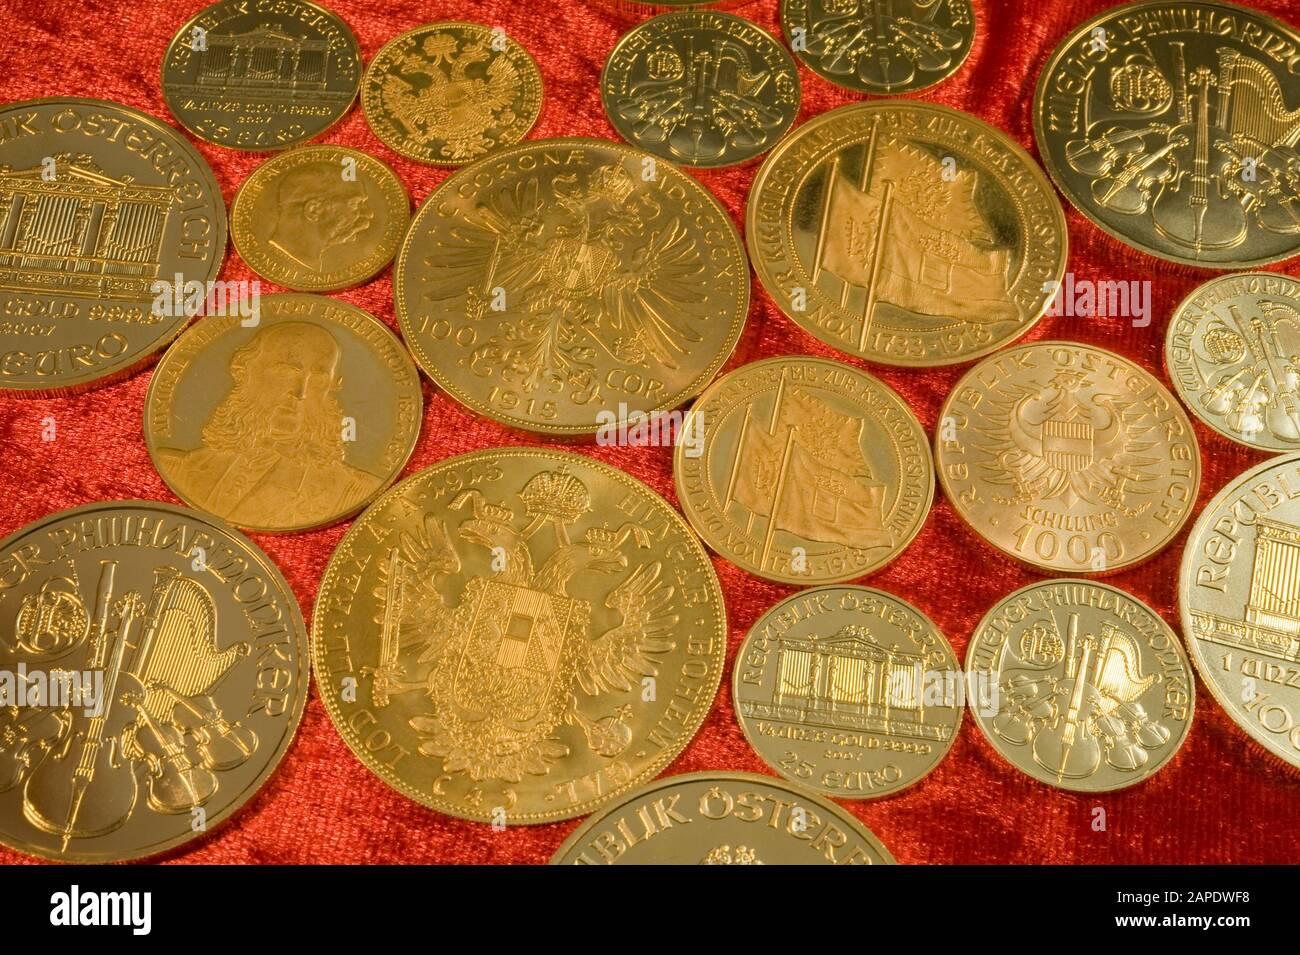 Verschiedene Österreichische Goldmünzen - Austrian Gold Coins Stock Photo